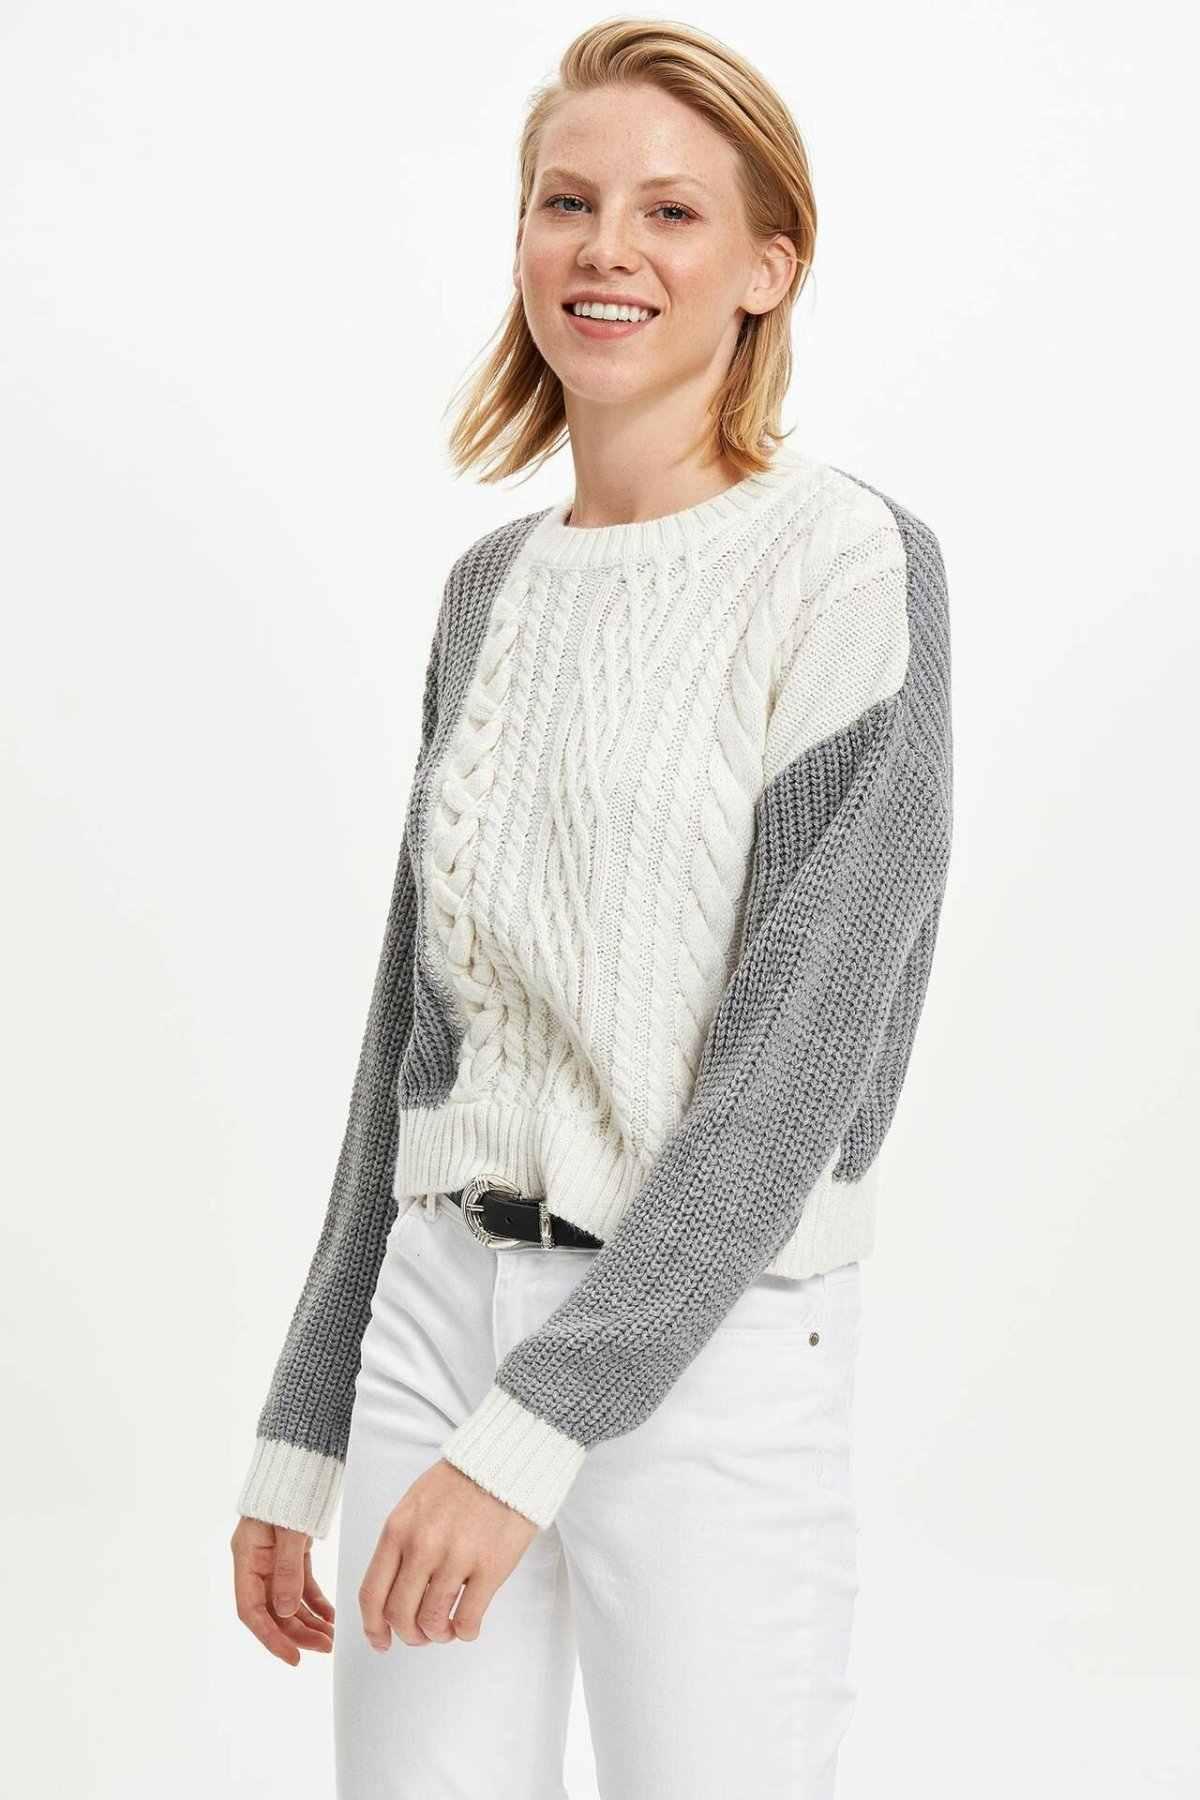 Defacto Chic Blok Warna Wanita Sweater Kasual Putih Abu-abu Campuran Wanita Pullover Musim Dingin Tebal Top Pullovers-M2763AZ19WN